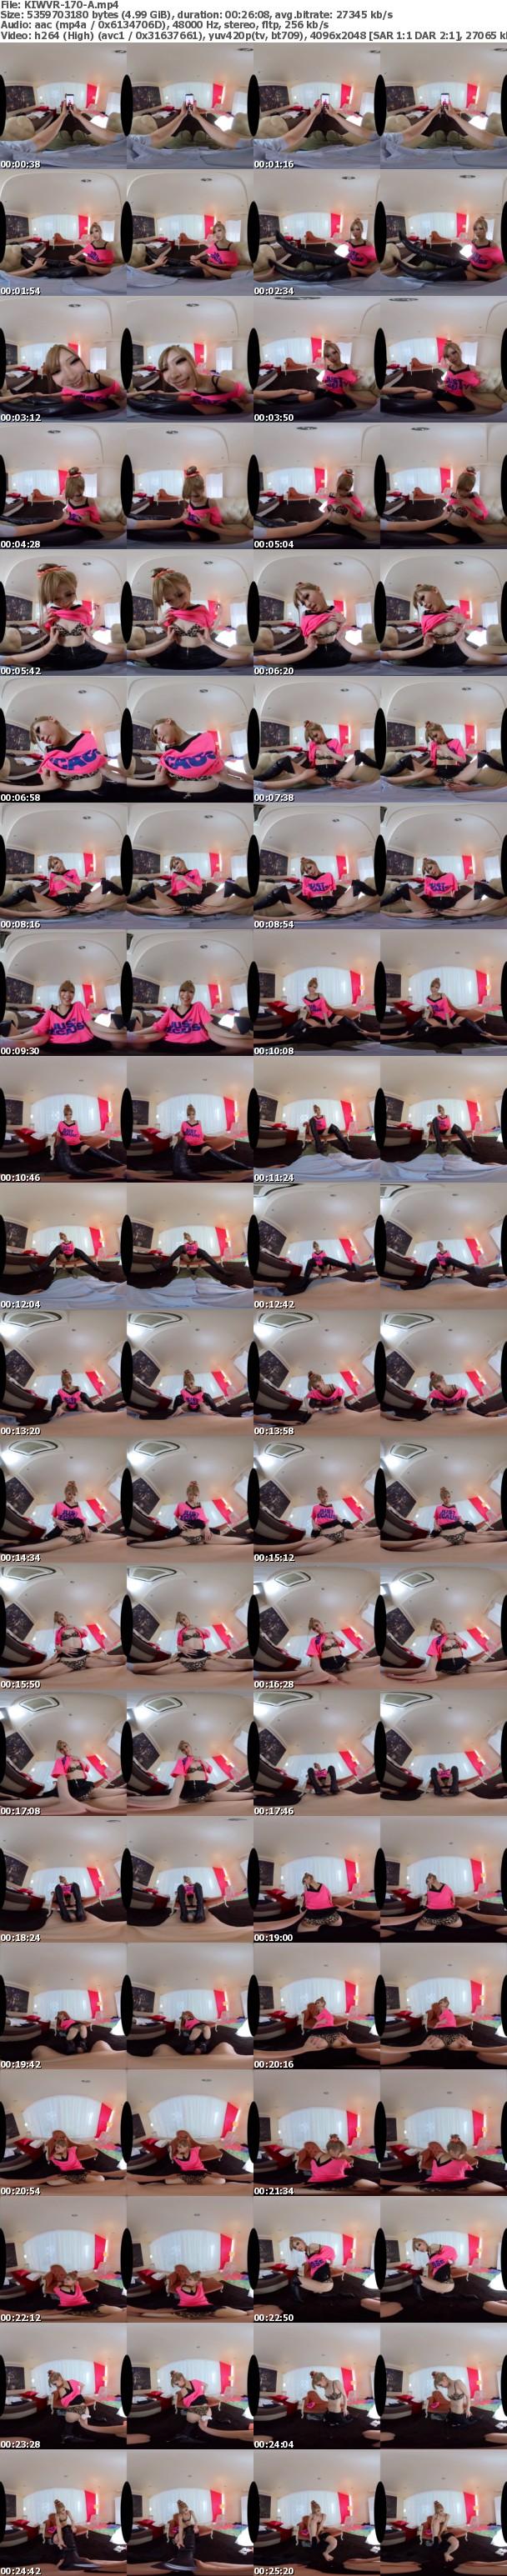 (VR) KIWVR-170 美脚の敏感スレンダーギャルに【スク水・制服・ルーズソックス】を着させて【コスプレSEX】!猛烈に突きまくりパンツやルーズソックスに特濃ザーメン発射!! 永愛